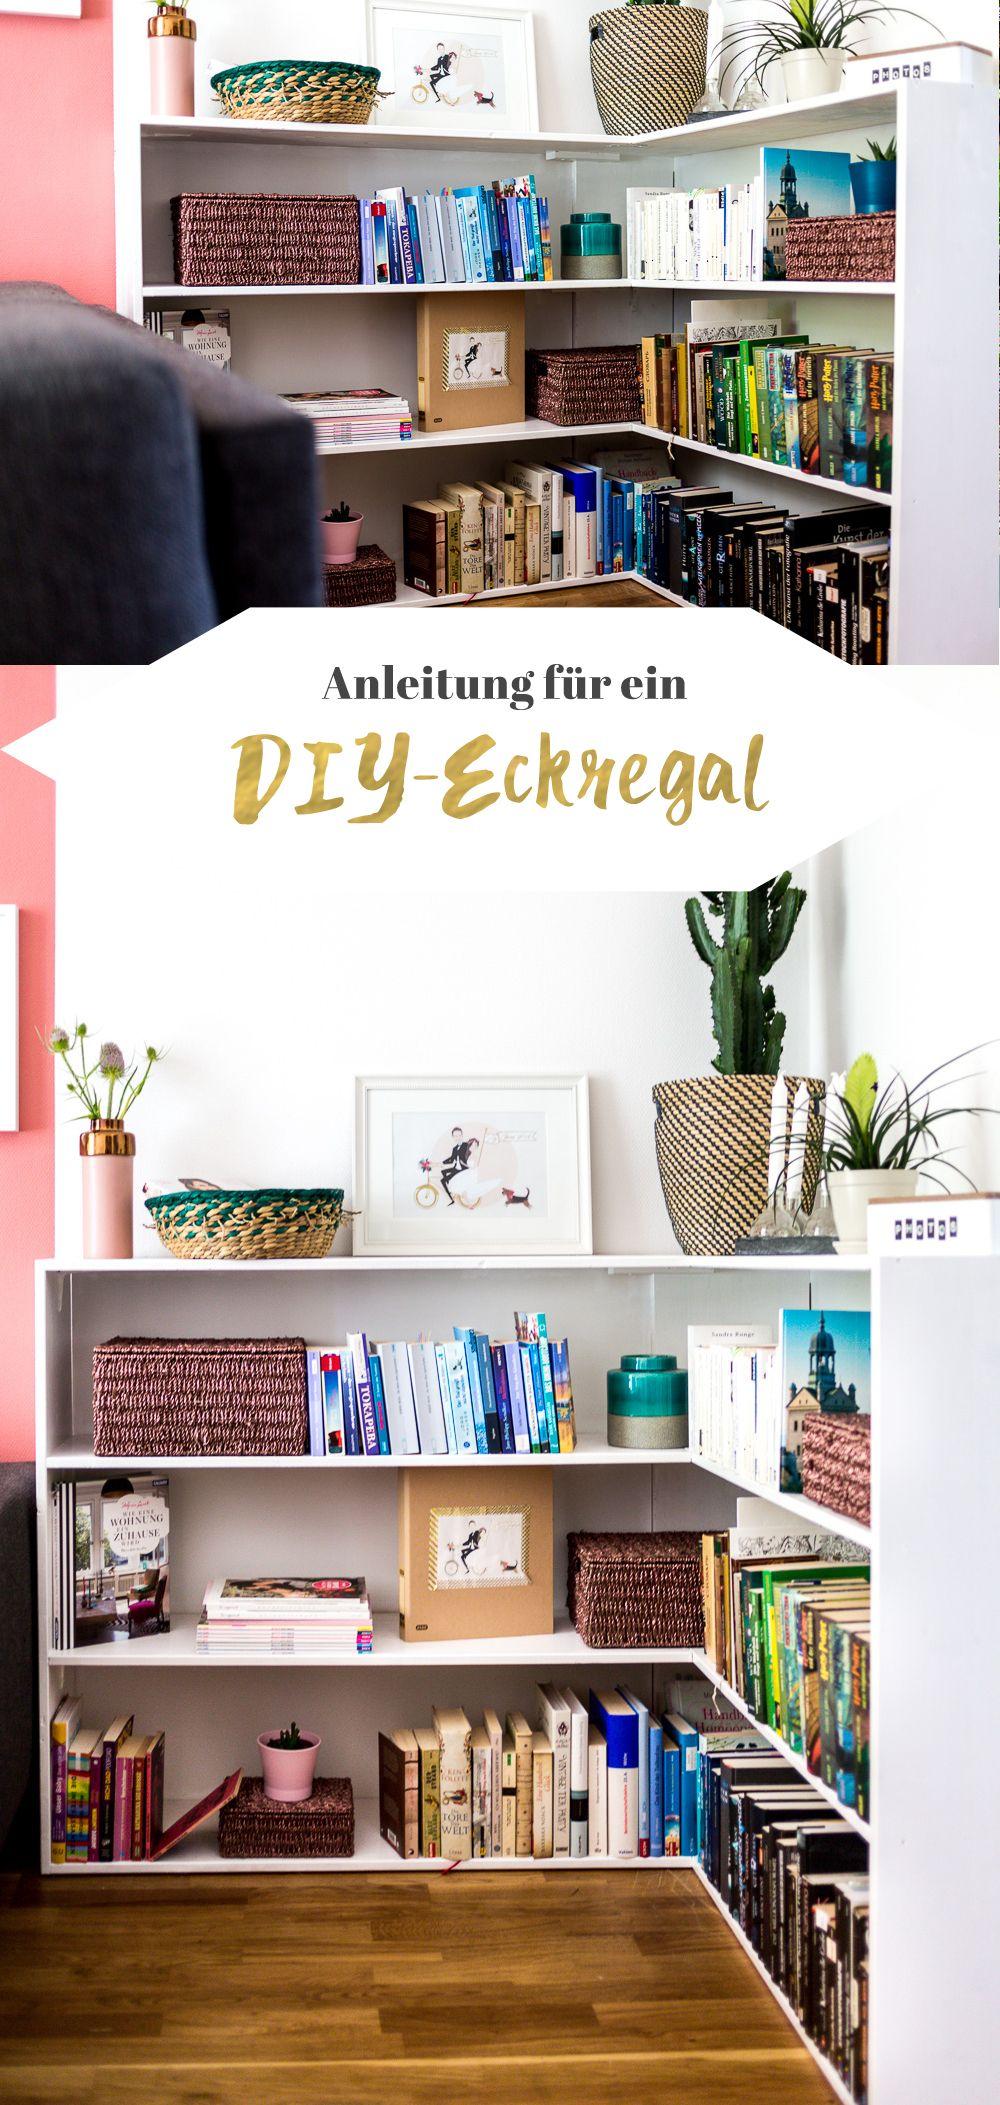 Großartig Bücherregal Selber Bauen Referenz Von Jetzt Auf Dem Design: Mein Diy Eckregal